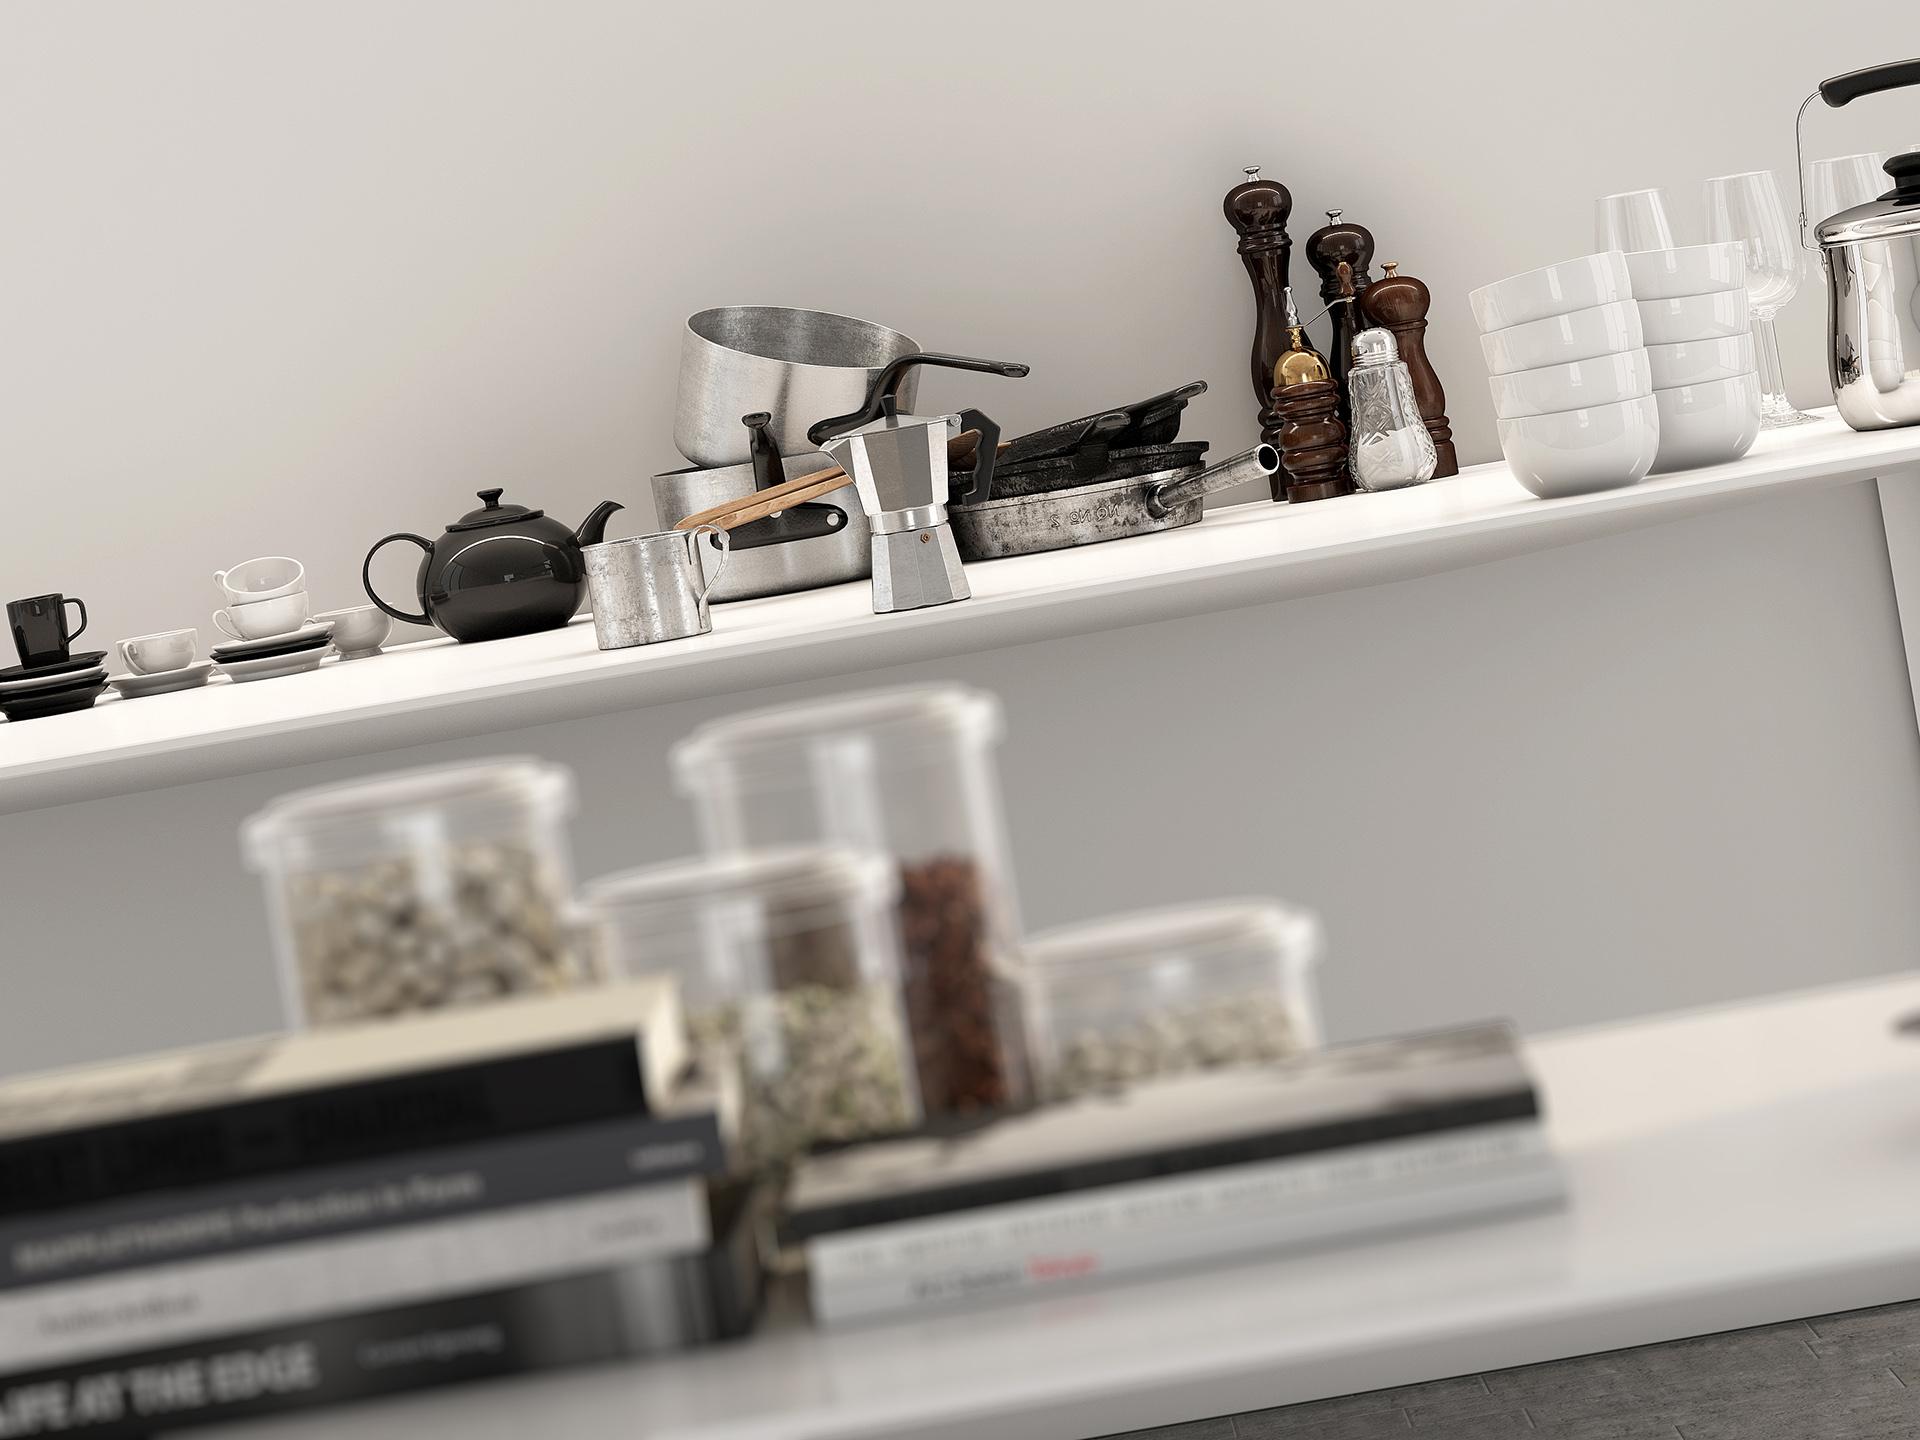 progetto e rendering fotorealistico di un set cucina con i suoi complementi di arredo